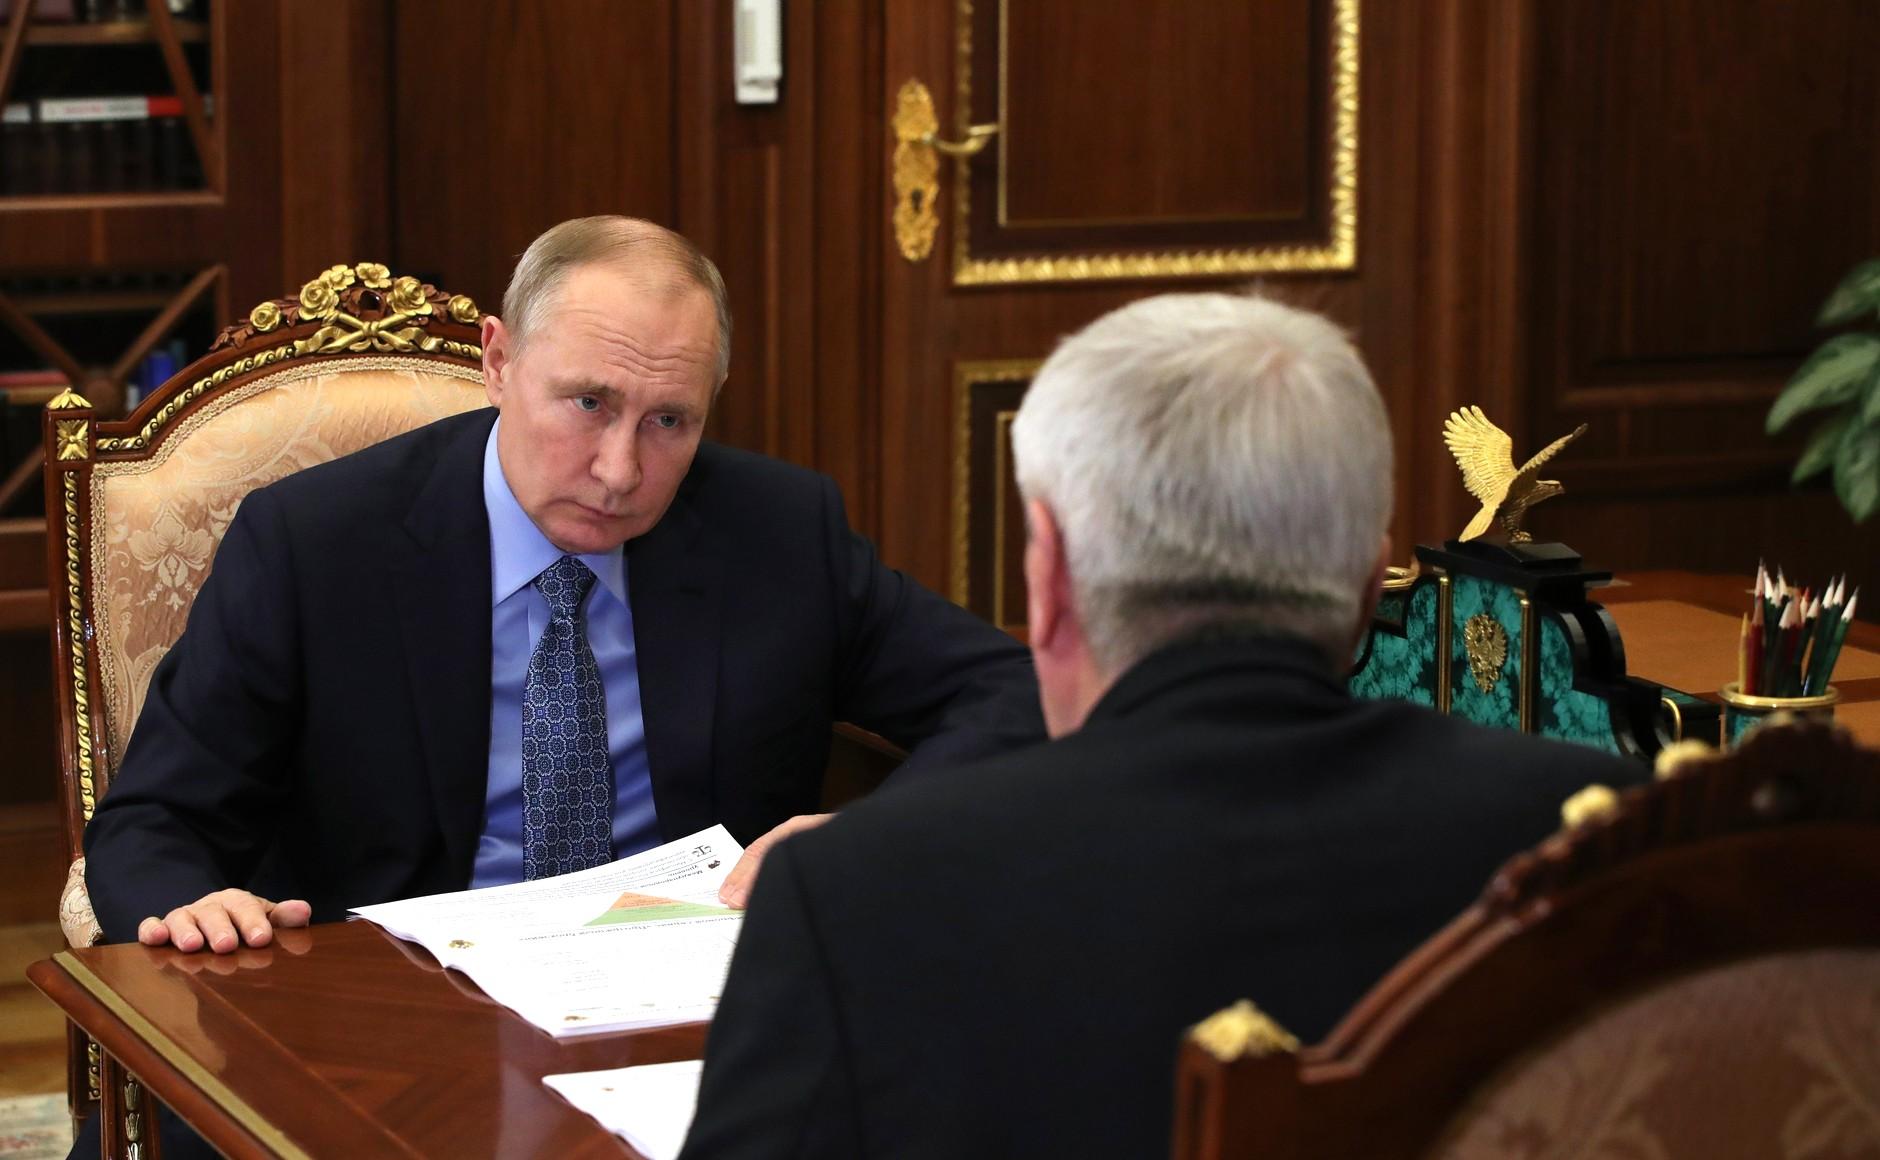 FINANCE SURVEILLEE 3 SUR 3 Rencontre avec le chef du Service fédéral de surveillance financière Yury Chikhanchin 19.02.2021